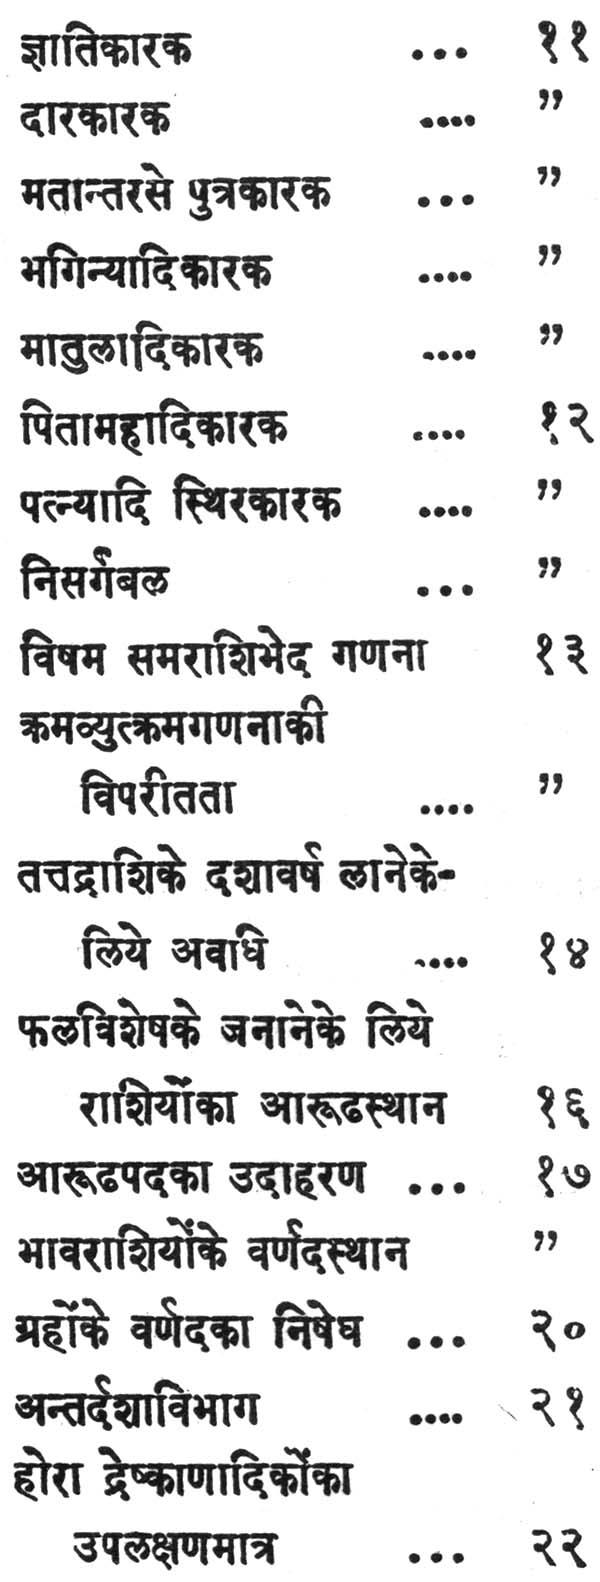 जैमिनीयसूत्राणि (संस्कृत एवम् हिन्दी अनुवाद): The Jaimini